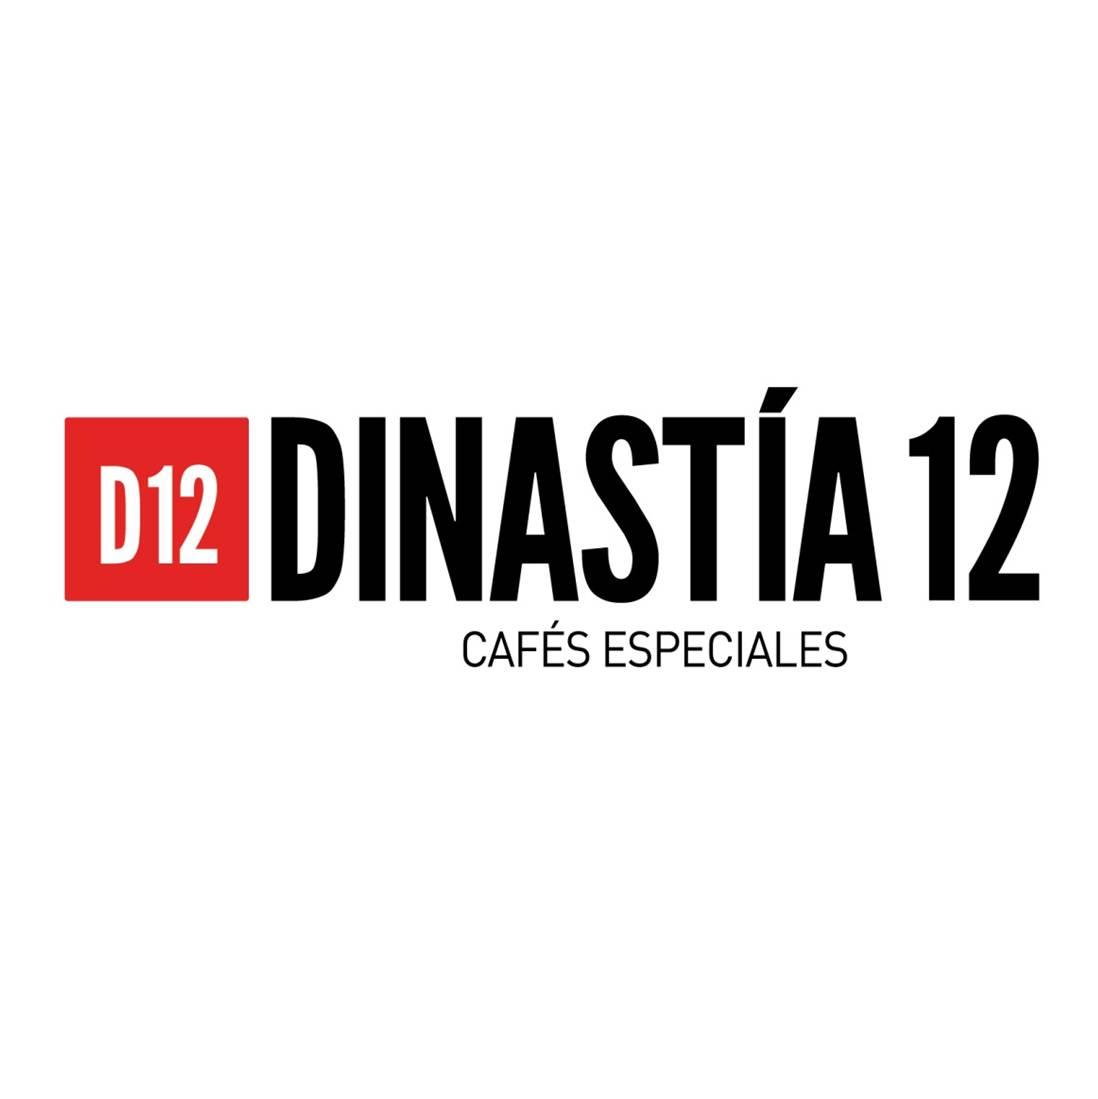 Dinastia 12